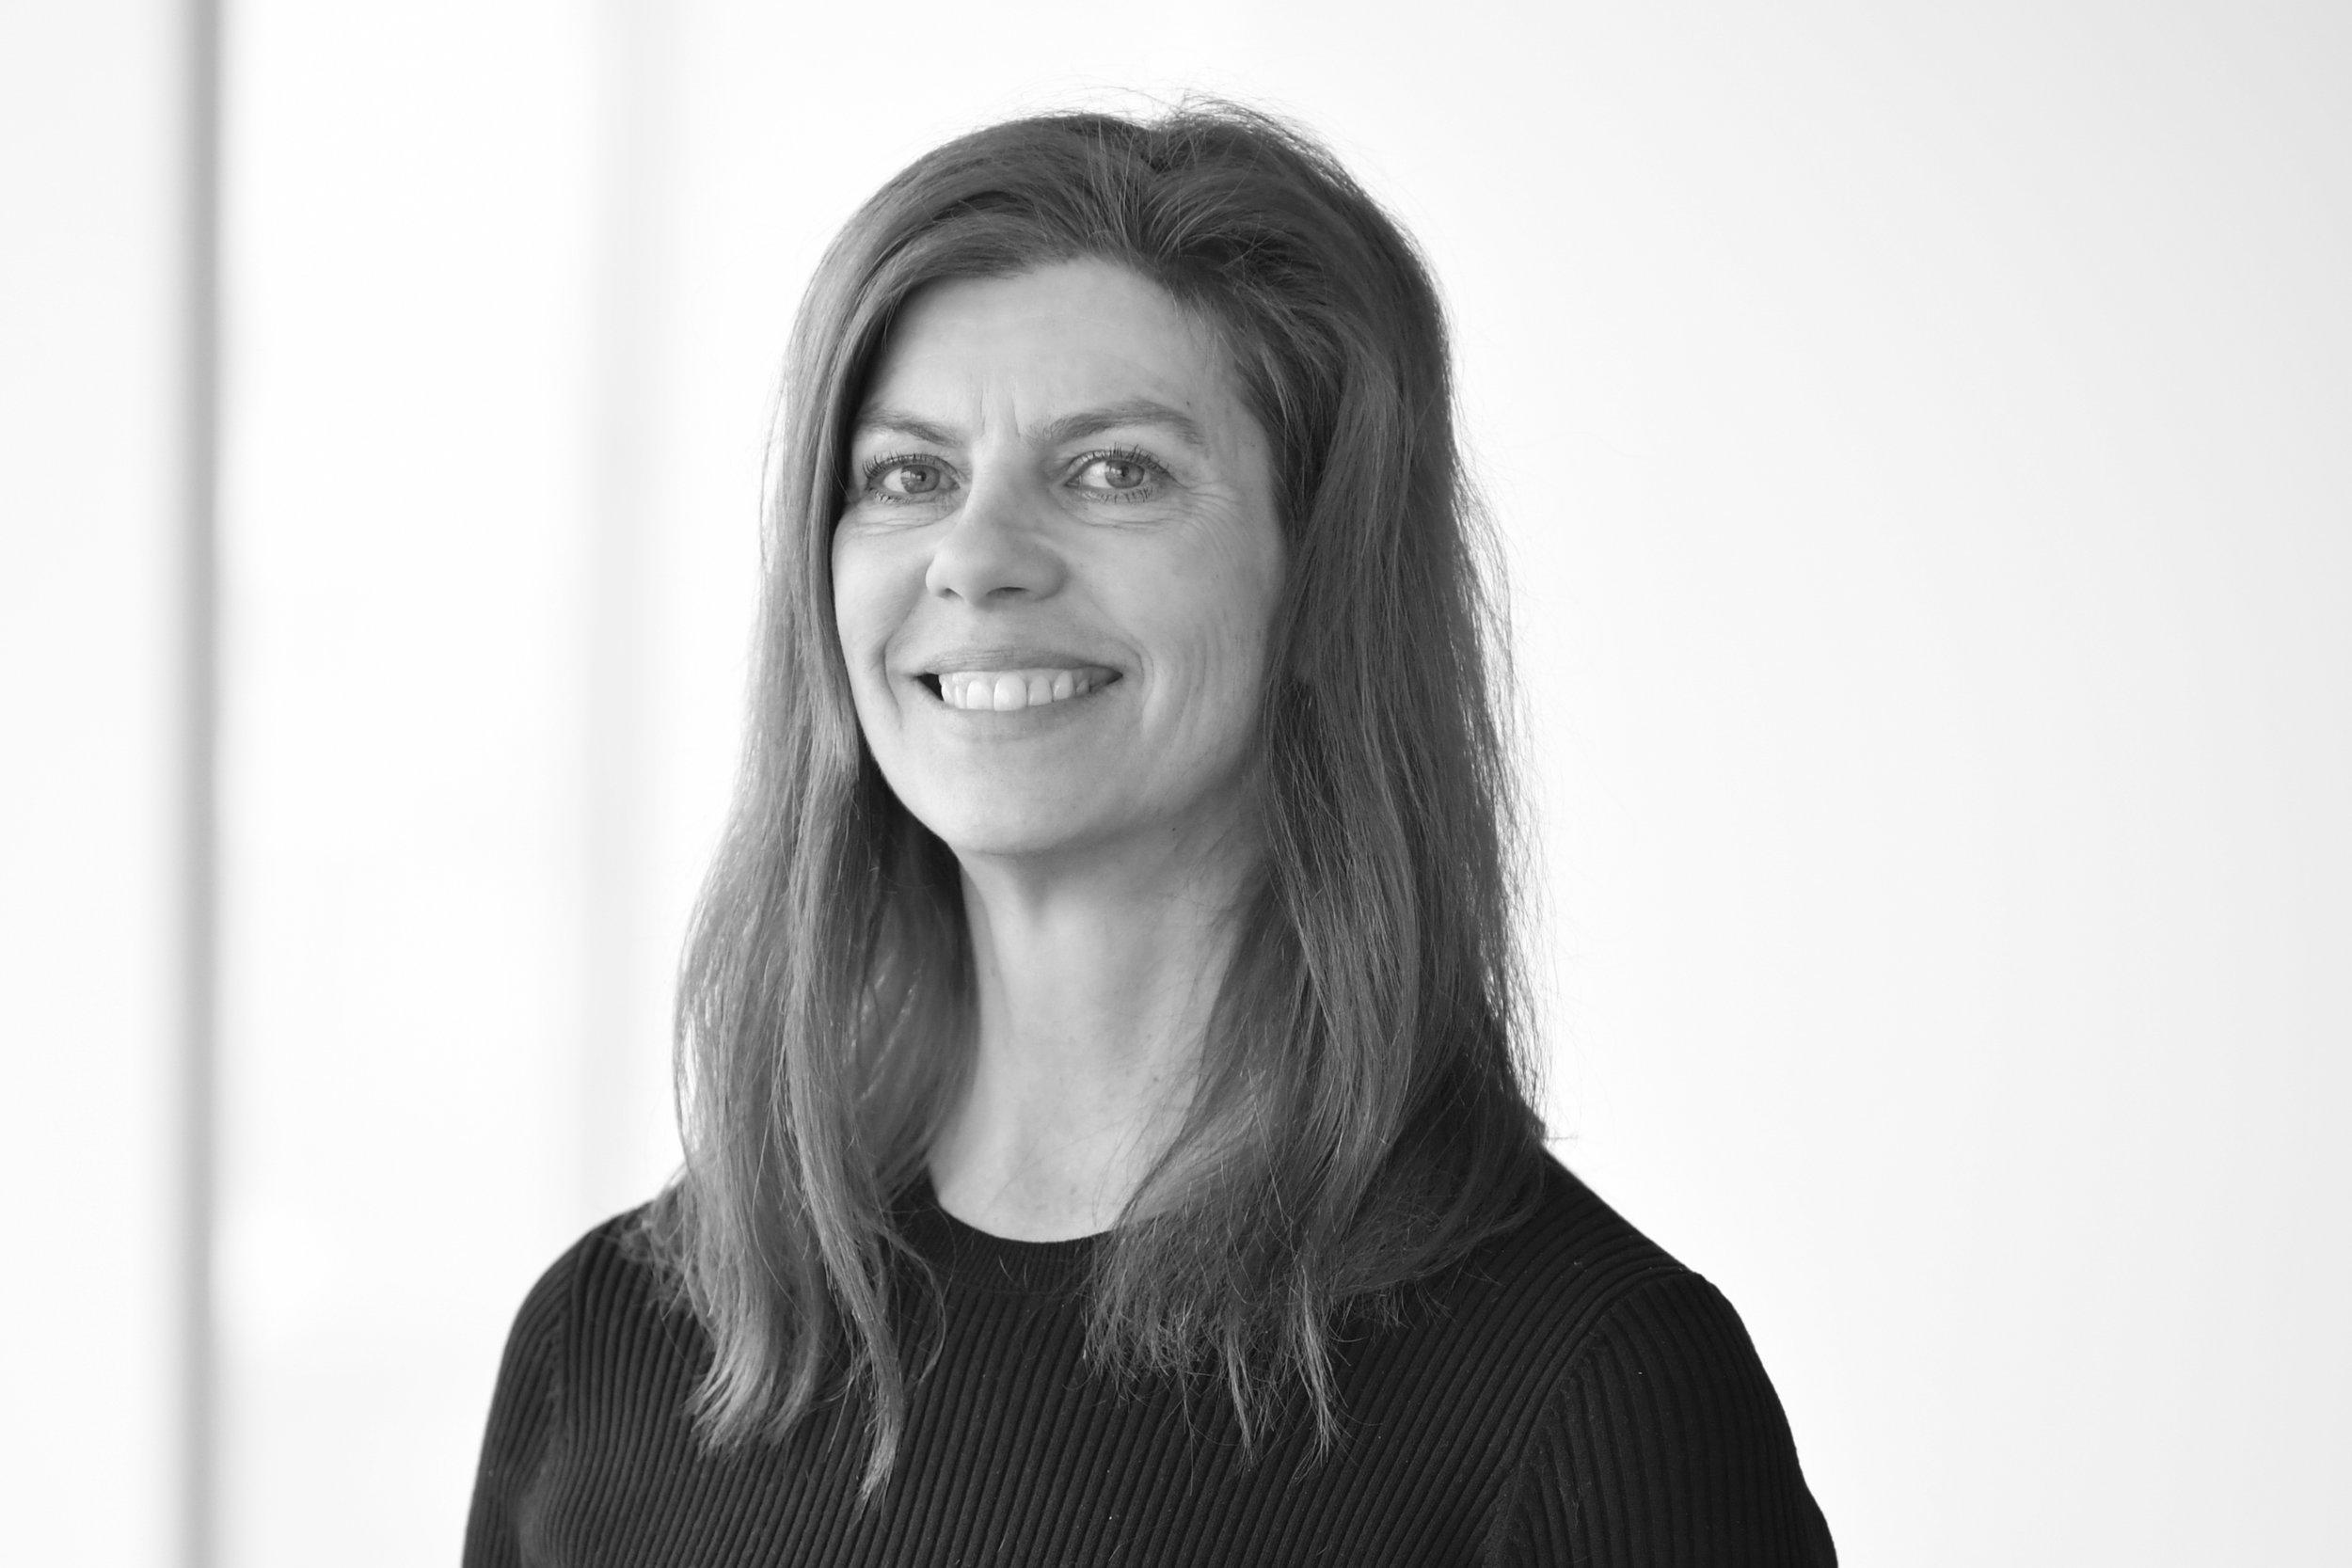 Ing-Marie - Ing-Marie Bigert Möller / ToimistopäällikköIng-Marie on työskennellyt meillä vuodesta 2006 ja toimii meidän toimistopäällikkönä ja laskutusvastaavana. Hän on työskennellyt muun muassa McKinsey & Companyssa, Nordeassa, Invacaressa, EIM:ssa ja KF:ssa assistentin tehtävissä. Ing-Marien toimenkuvaan on kuulunut myös sisäänostot, verkkosivusto ja CRM-järjestelmä.+46 (0)8 503 855 02 / ibm@nordicinterim.com